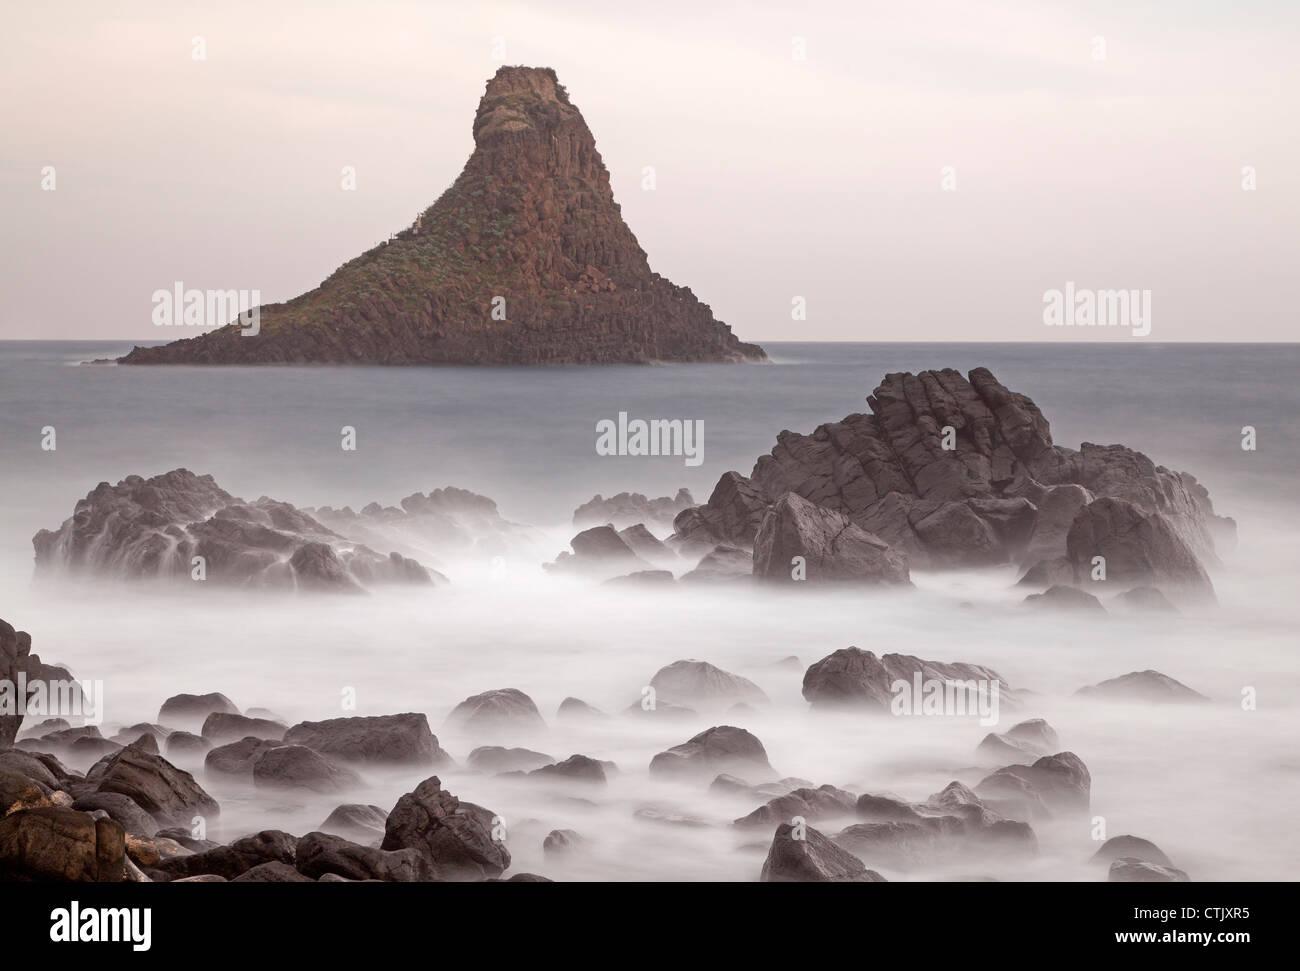 Coast of Aci Trezza, Italy - Stock Image